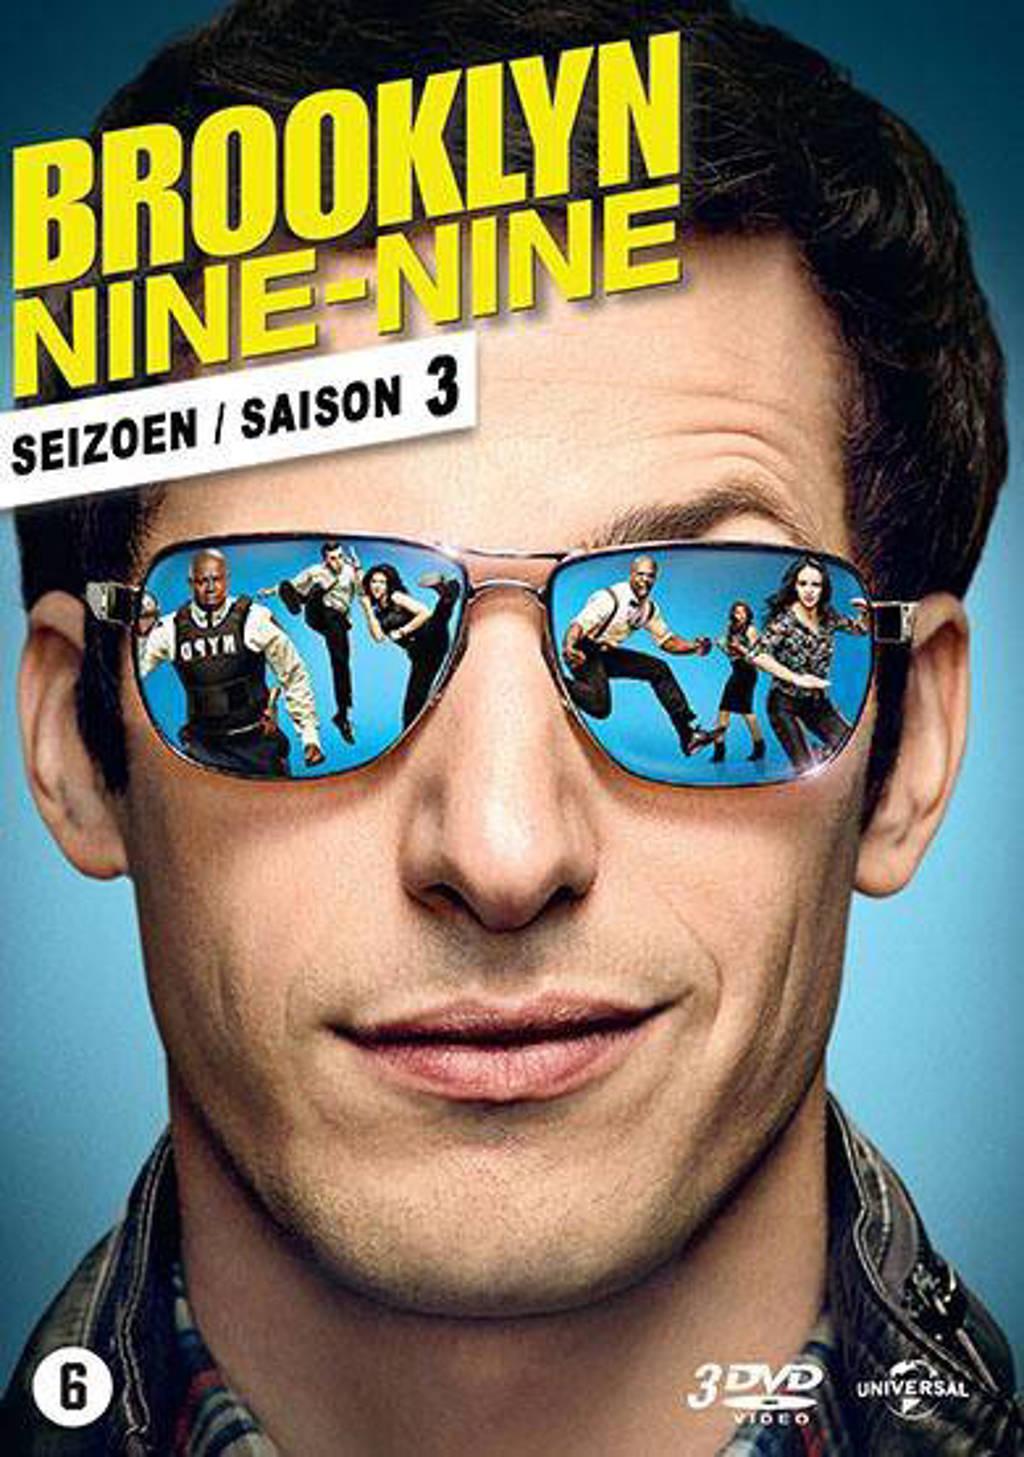 Brooklyn nine-nine - Seizoen 3 (DVD)